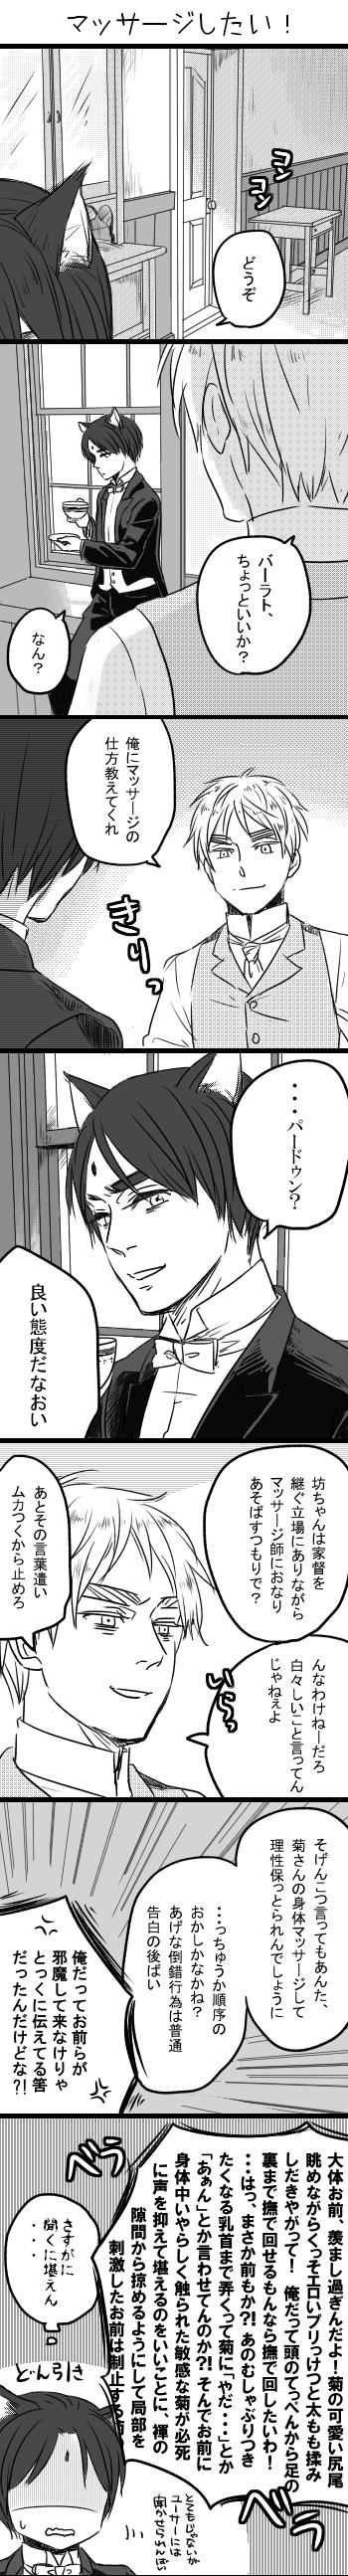 猫又_マッサージ3